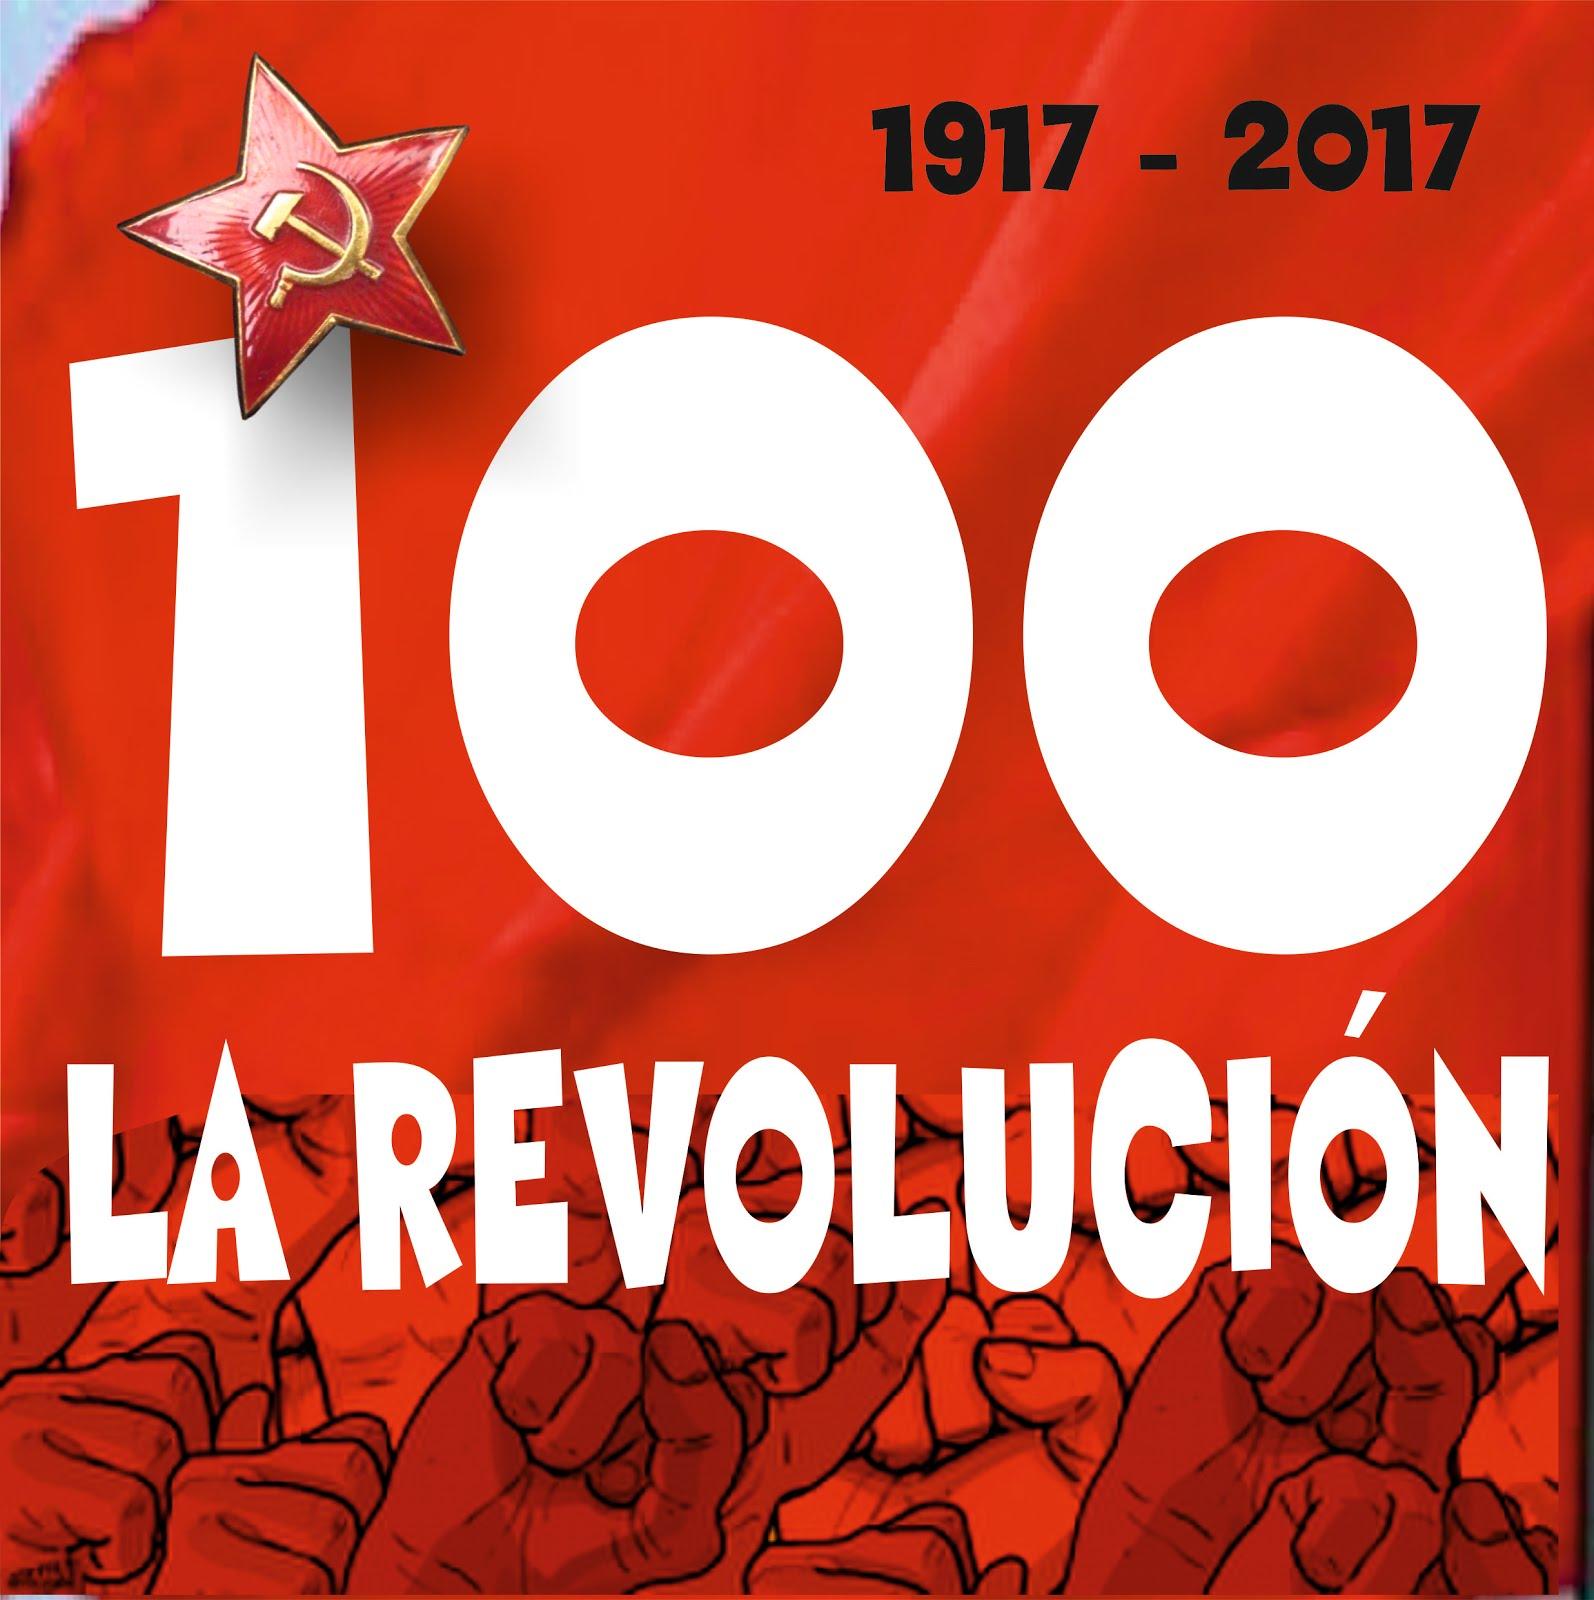 Resultado de imagen de Logos Centenario Octubre